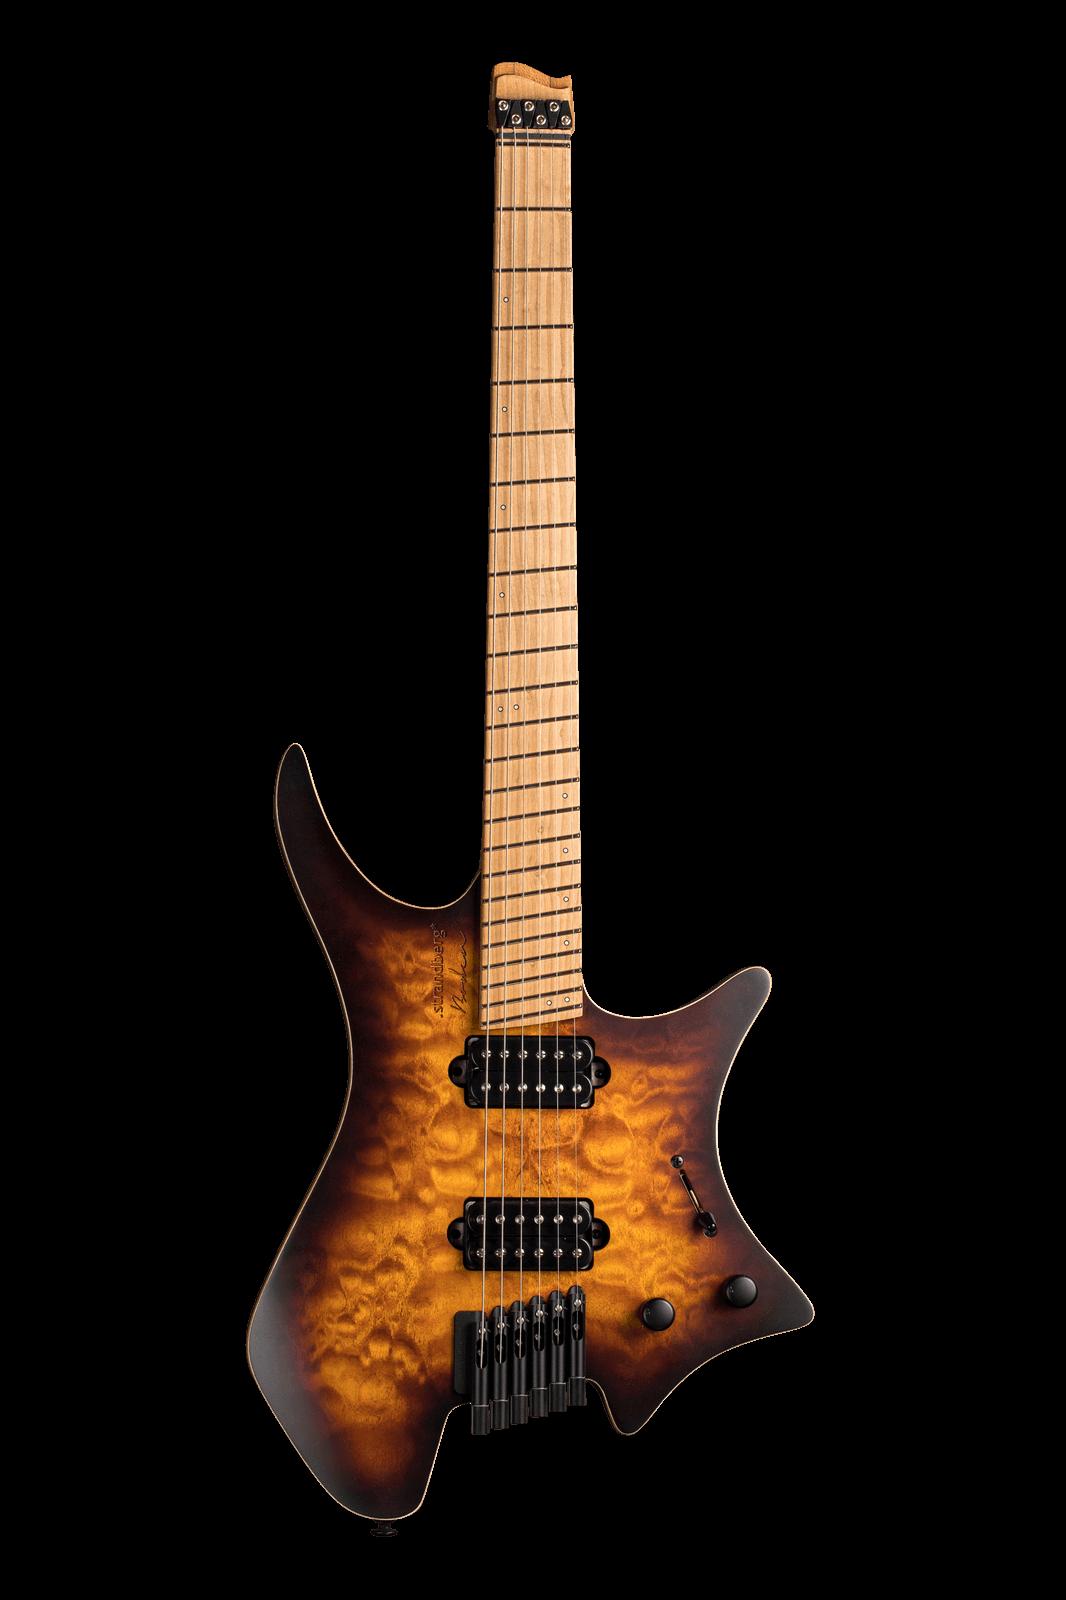 Strandberg Guitars Strandberg Guitars Australia